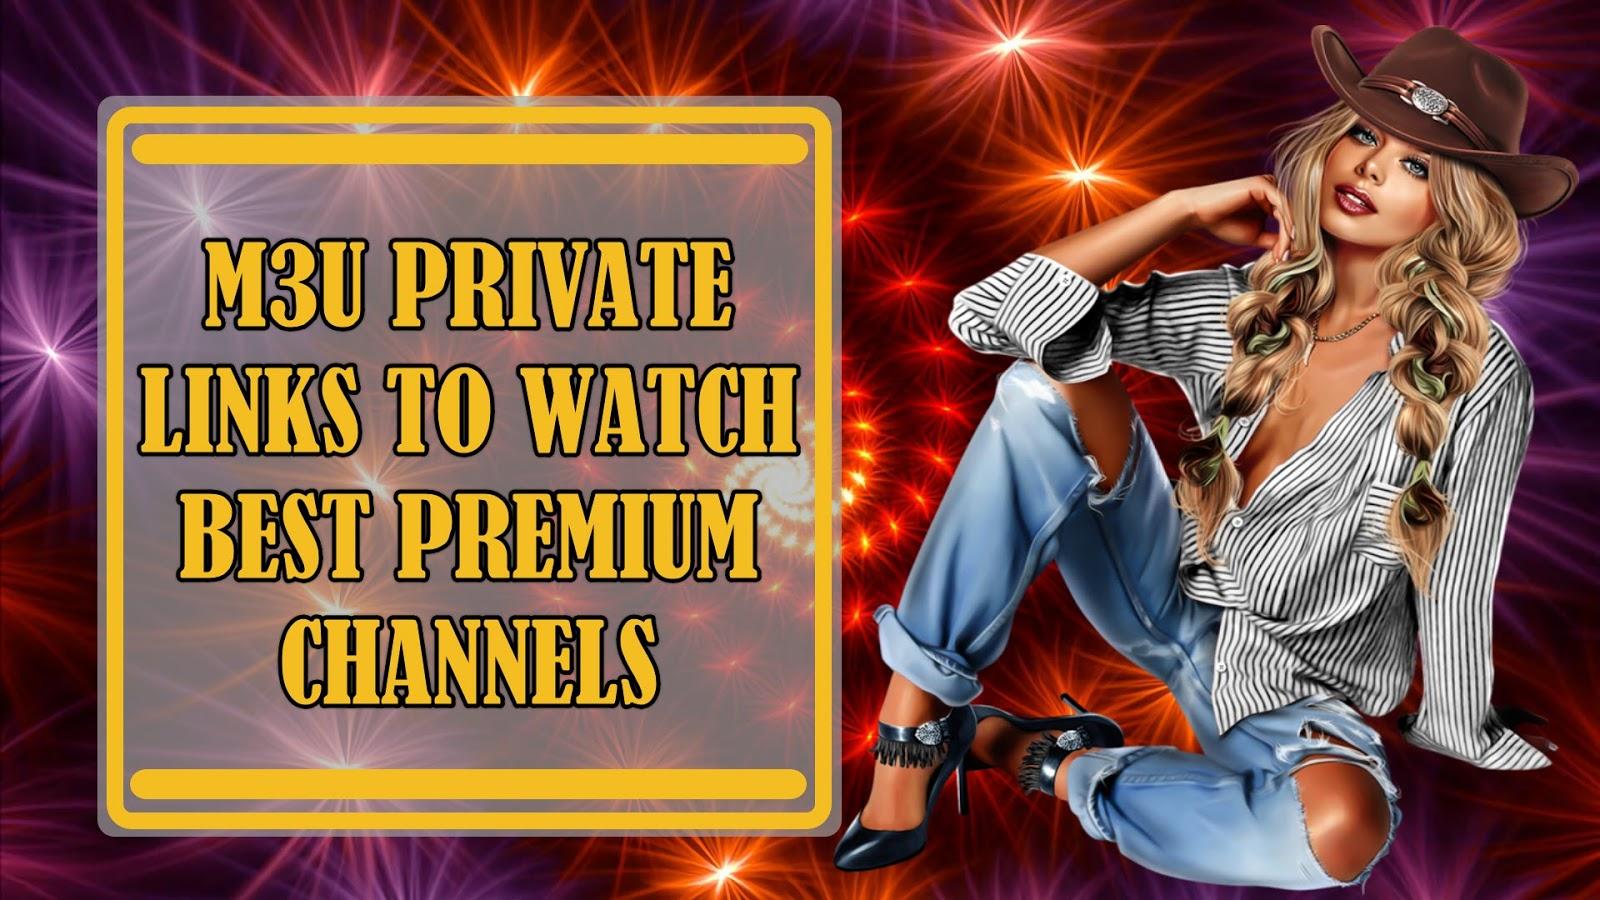 PRIVATE M3U LINKS - IPTV DROID